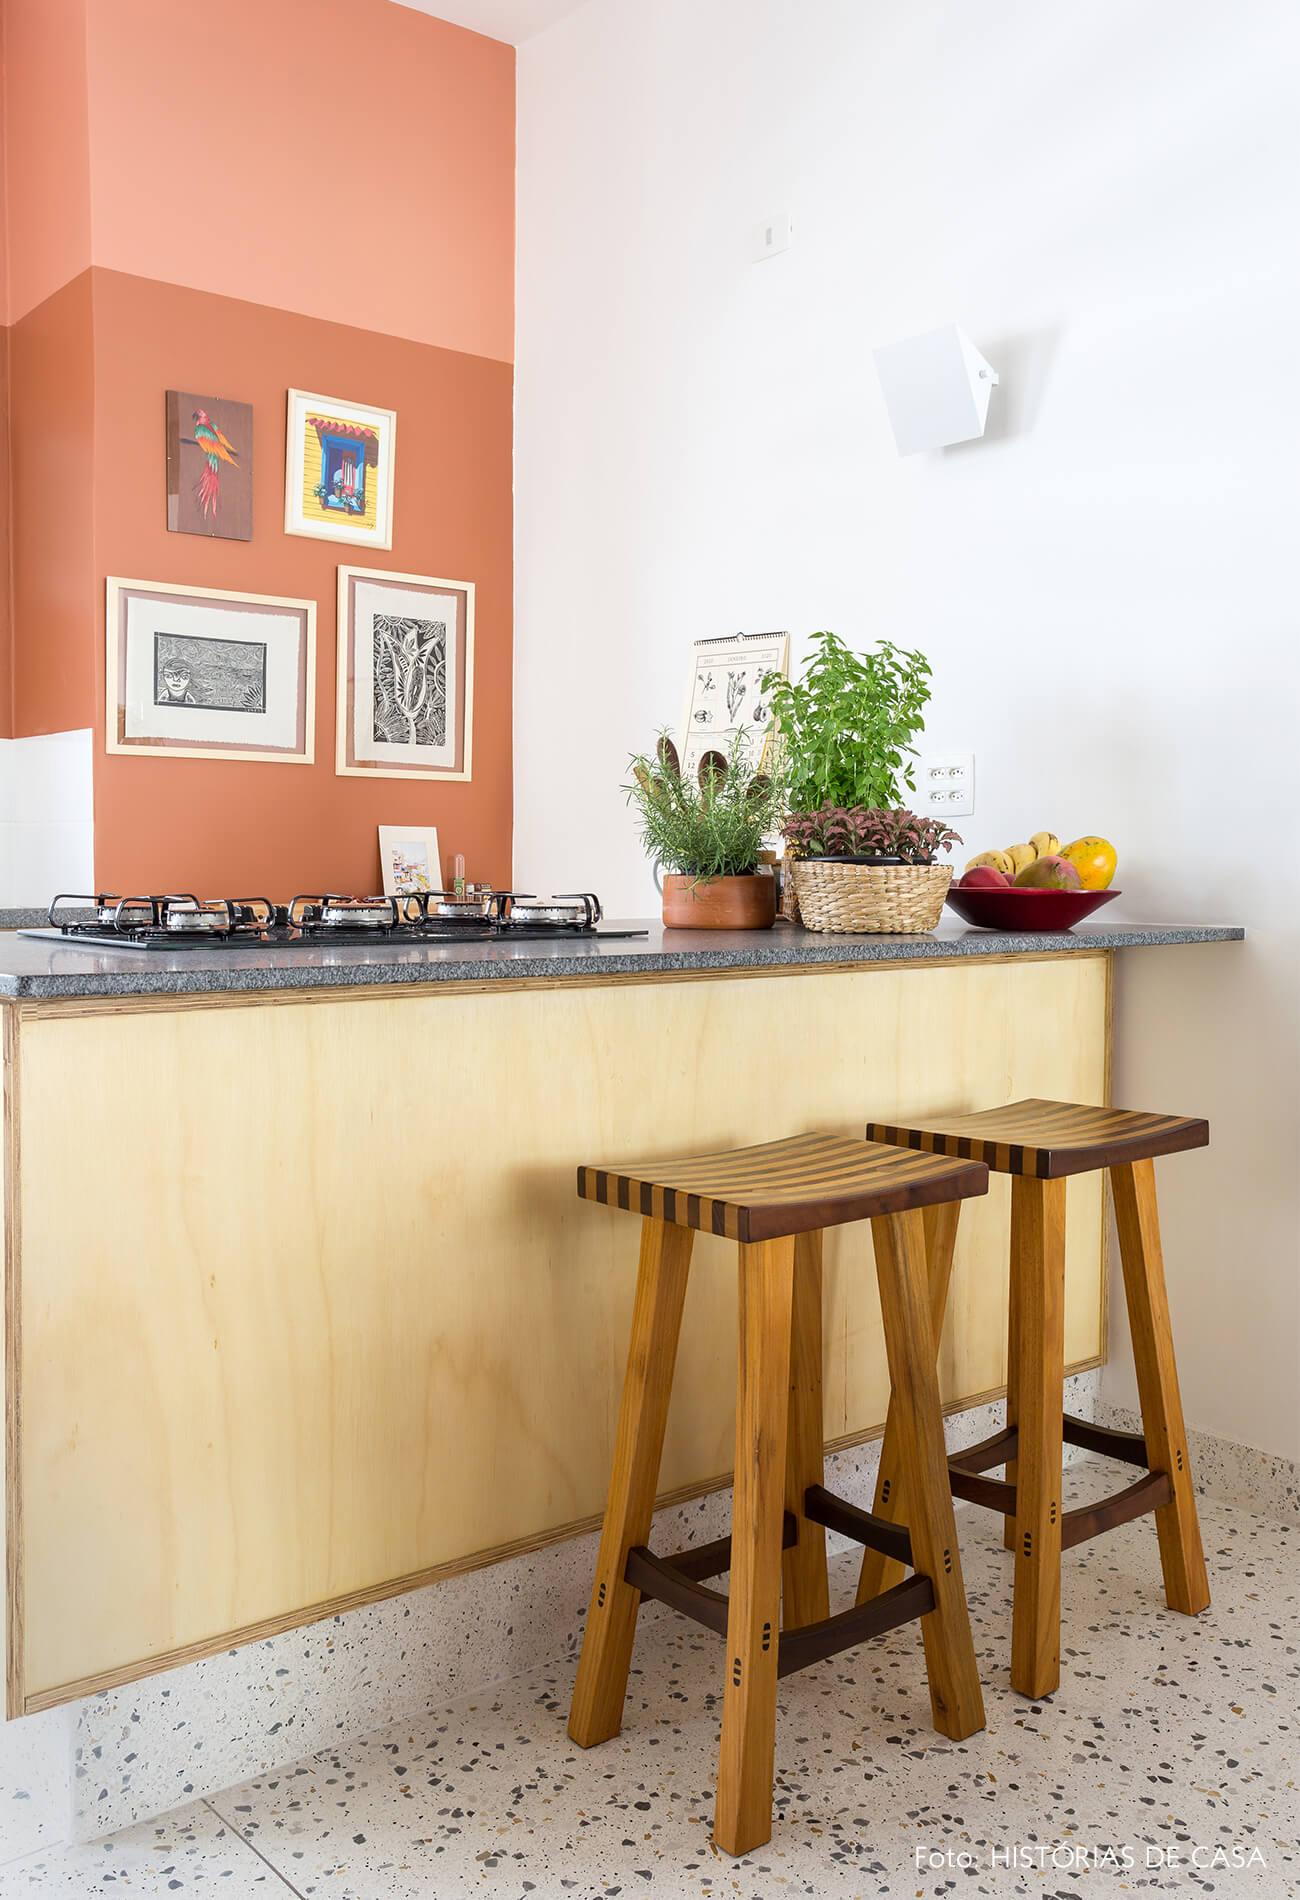 decoração cozinha com parede terrosa e bancos de madeira marchetaria